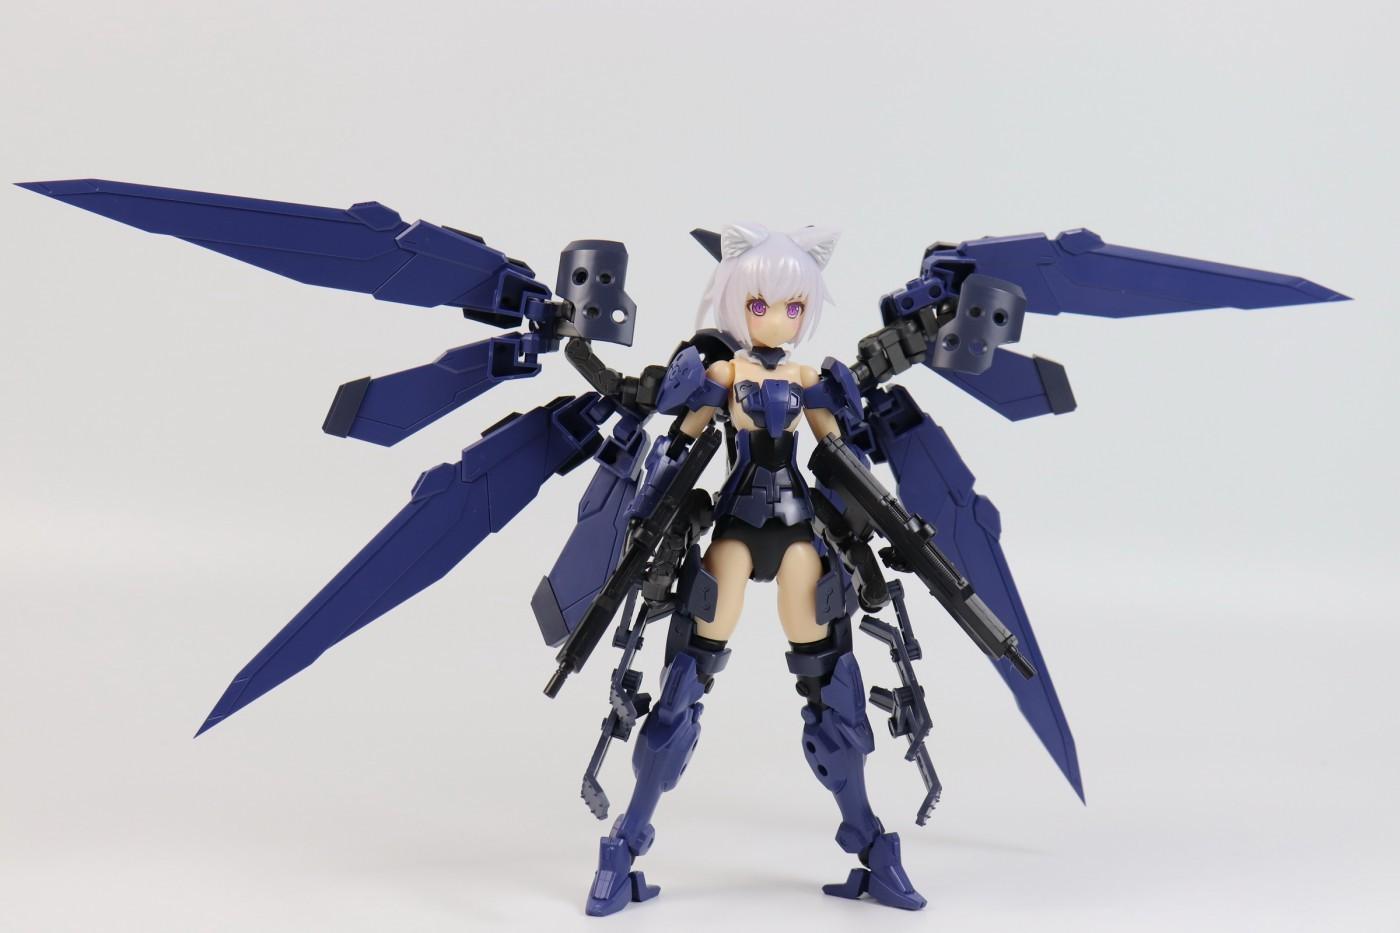 S273_Pretty_Armor_inask_075.jpg